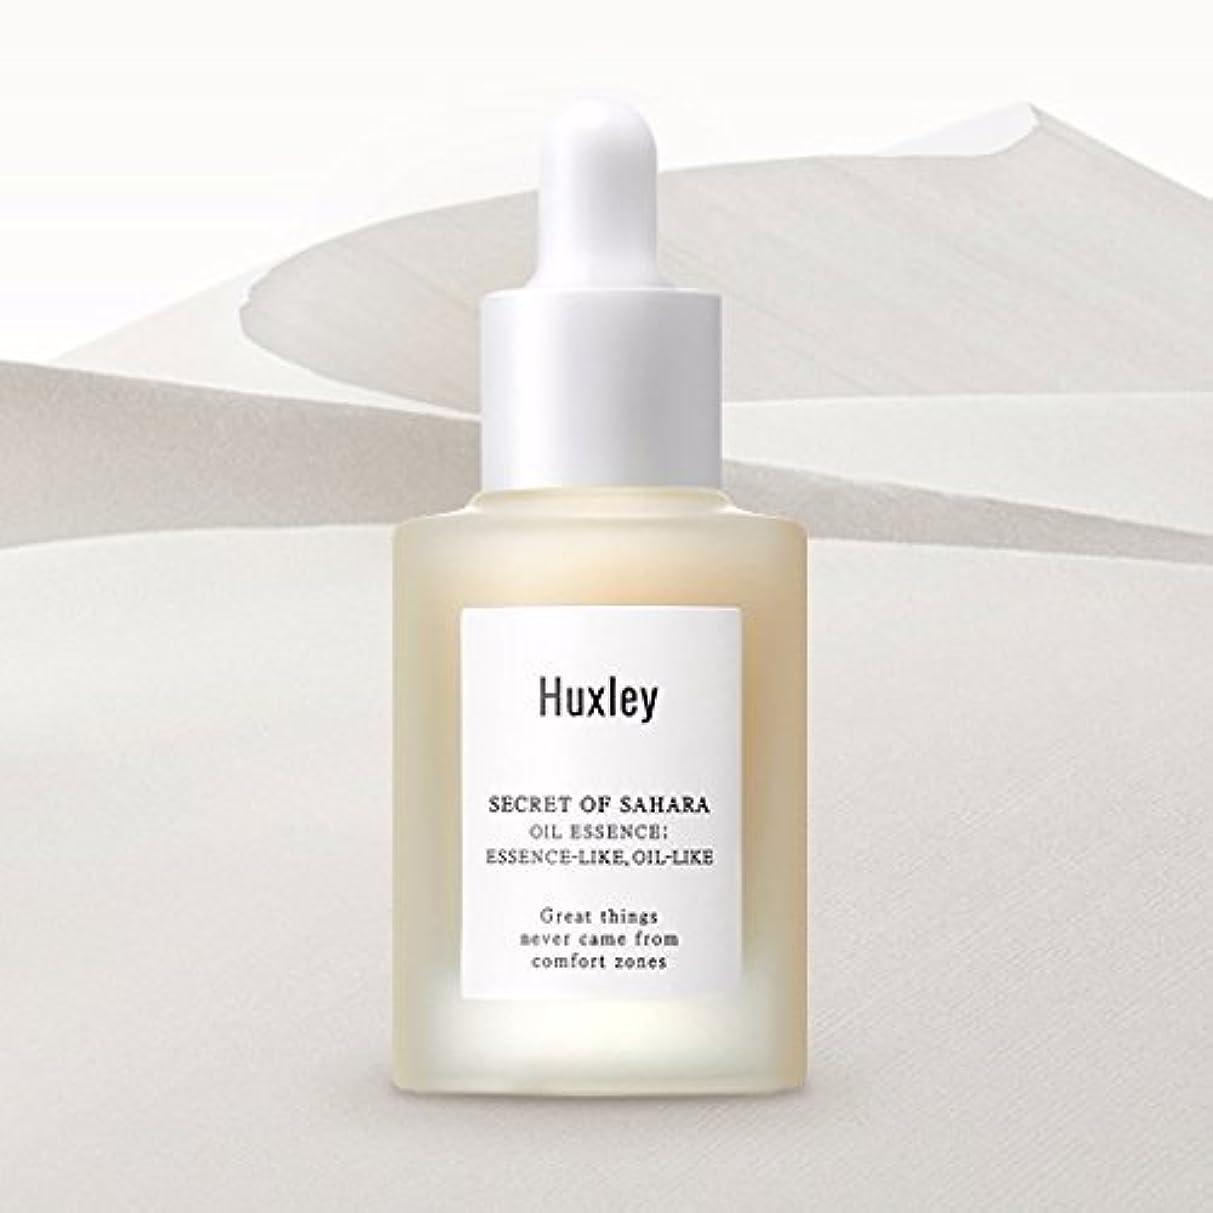 悲観的メタリック雨ハクスリー サハラ砂漠の秘密オイルエッセンス30ml / Huxley Secret of Sahara OIL Essence (Essence-Like, Oil-Like) 30ml (1.01fl.oz.) Made...